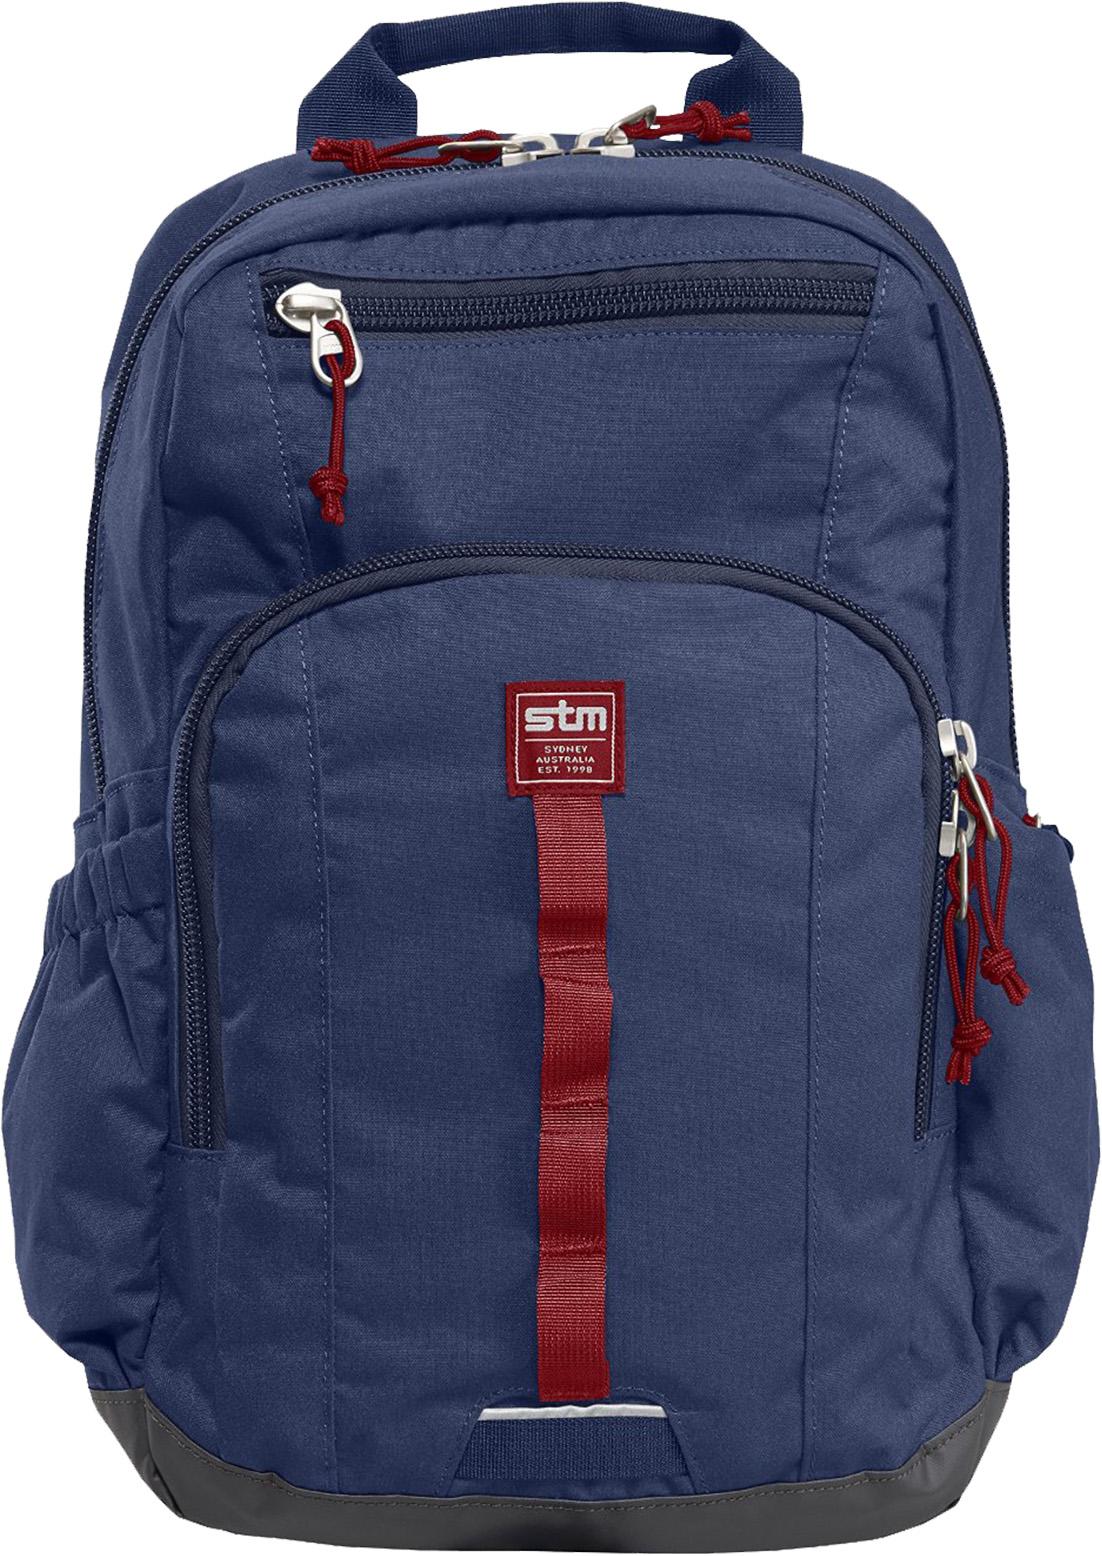 STM Trestle 13-Inch Laptop Backpack